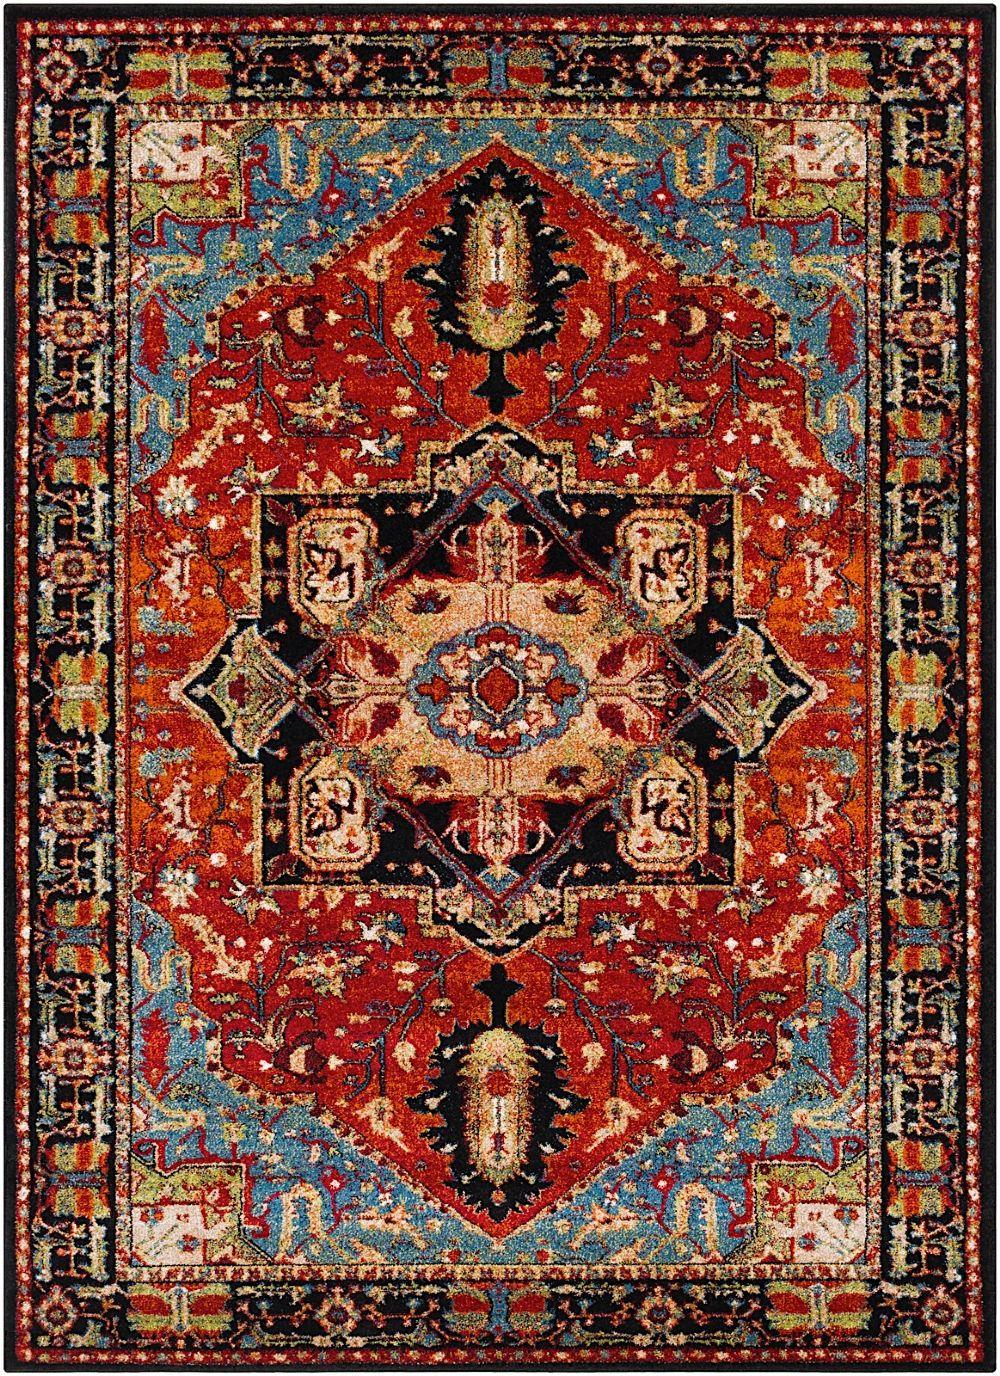 surya serapi traditional area rug collection